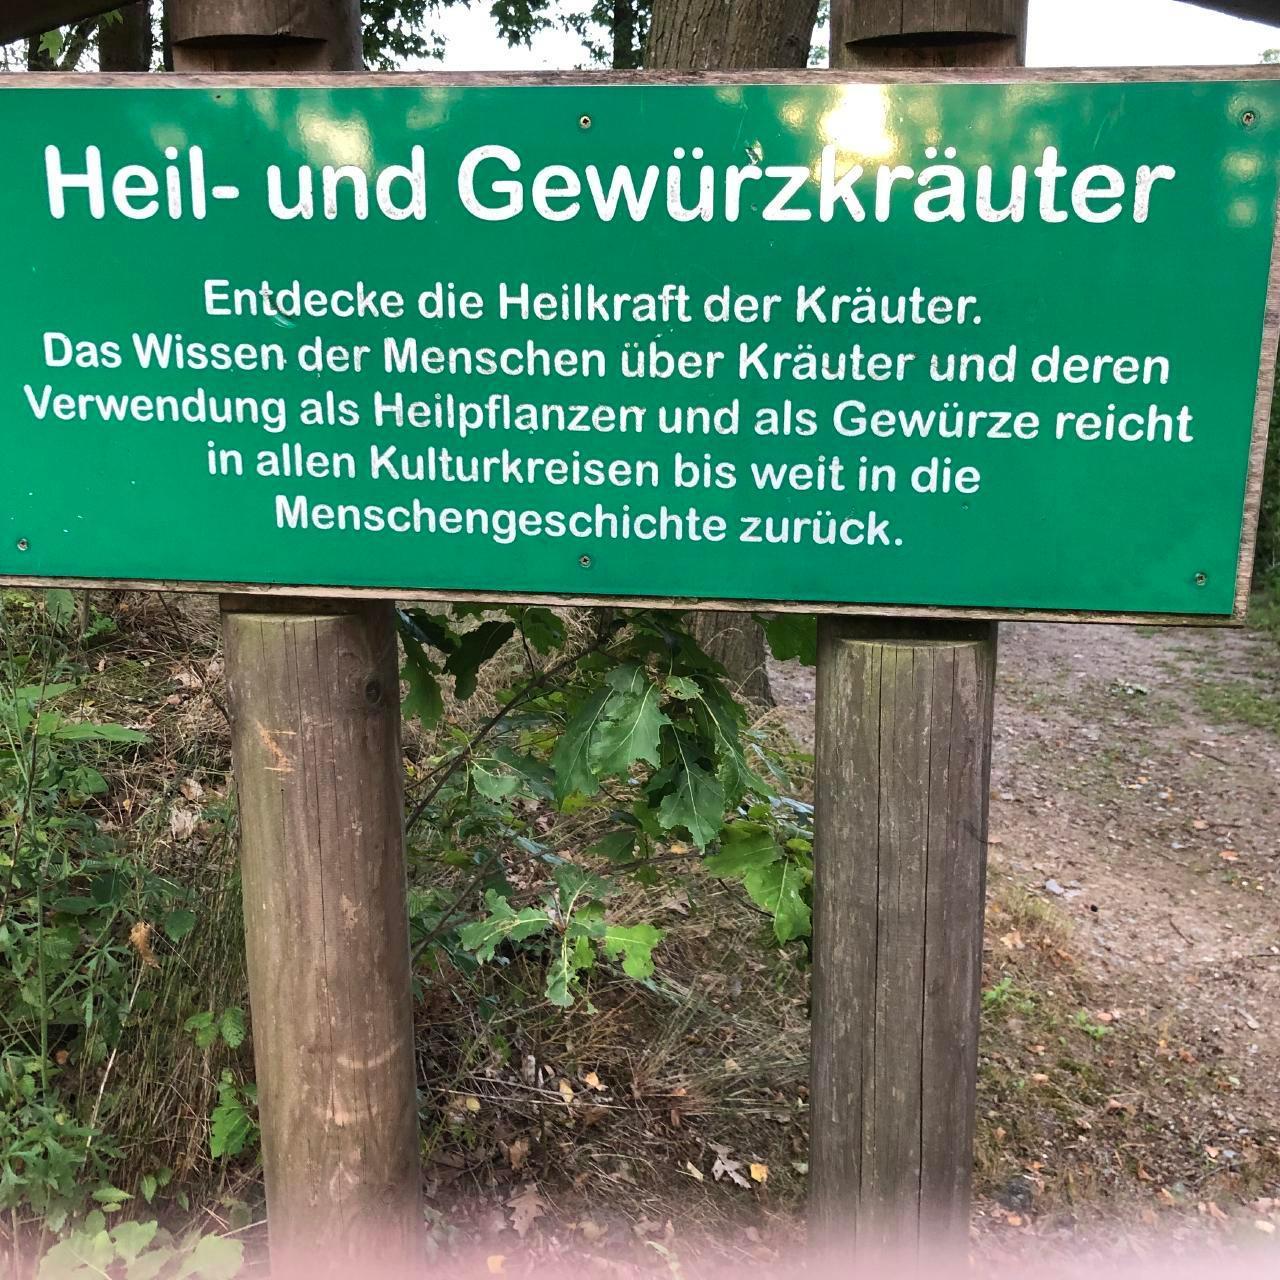 Ferienhaus am Kellerberg - mit  grossen Garten und herrlicher Aussicht, Kaminofen, Haustiere willkomm (337961), Zandt, Bayerischer Wald, Bayern, Deutschland, Bild 22